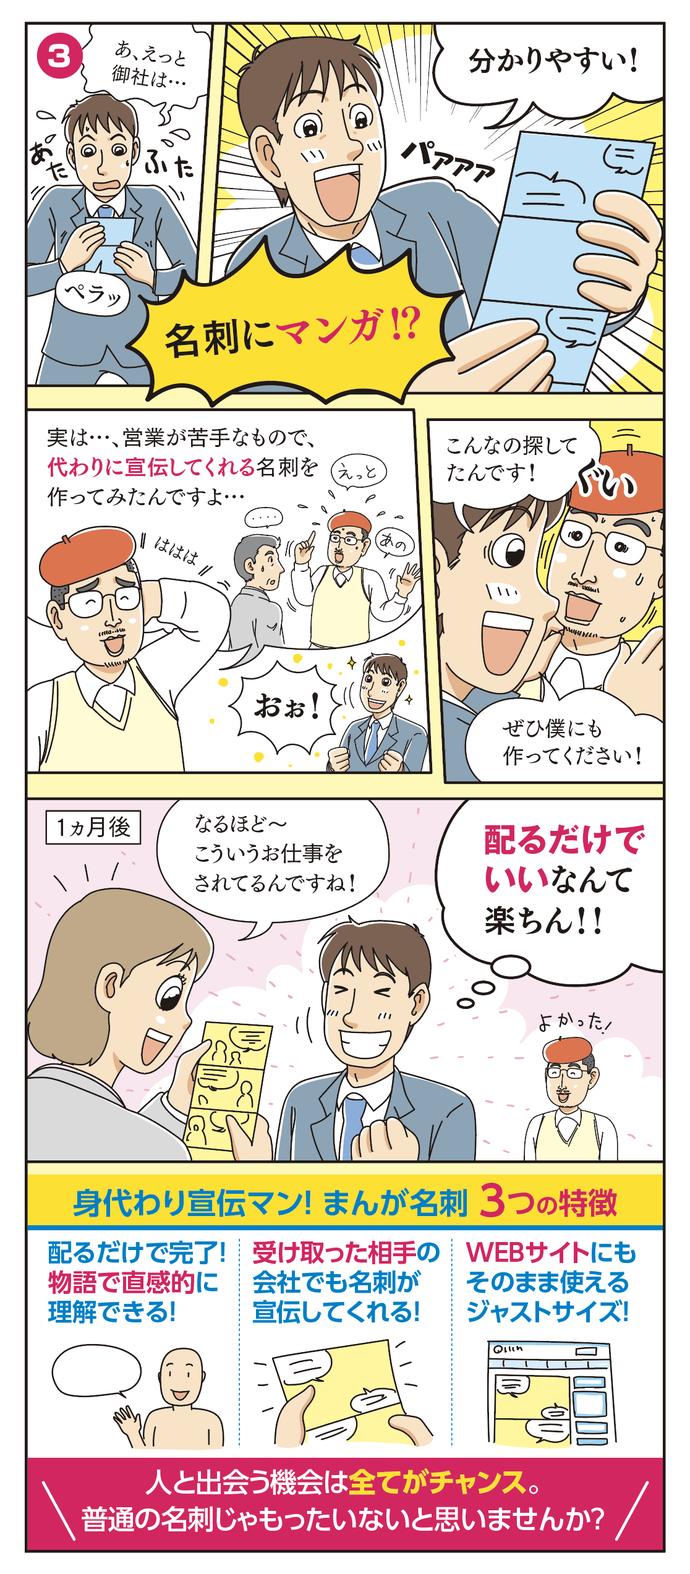 まんが名刺 中面 漫画の3コマ4コマ目